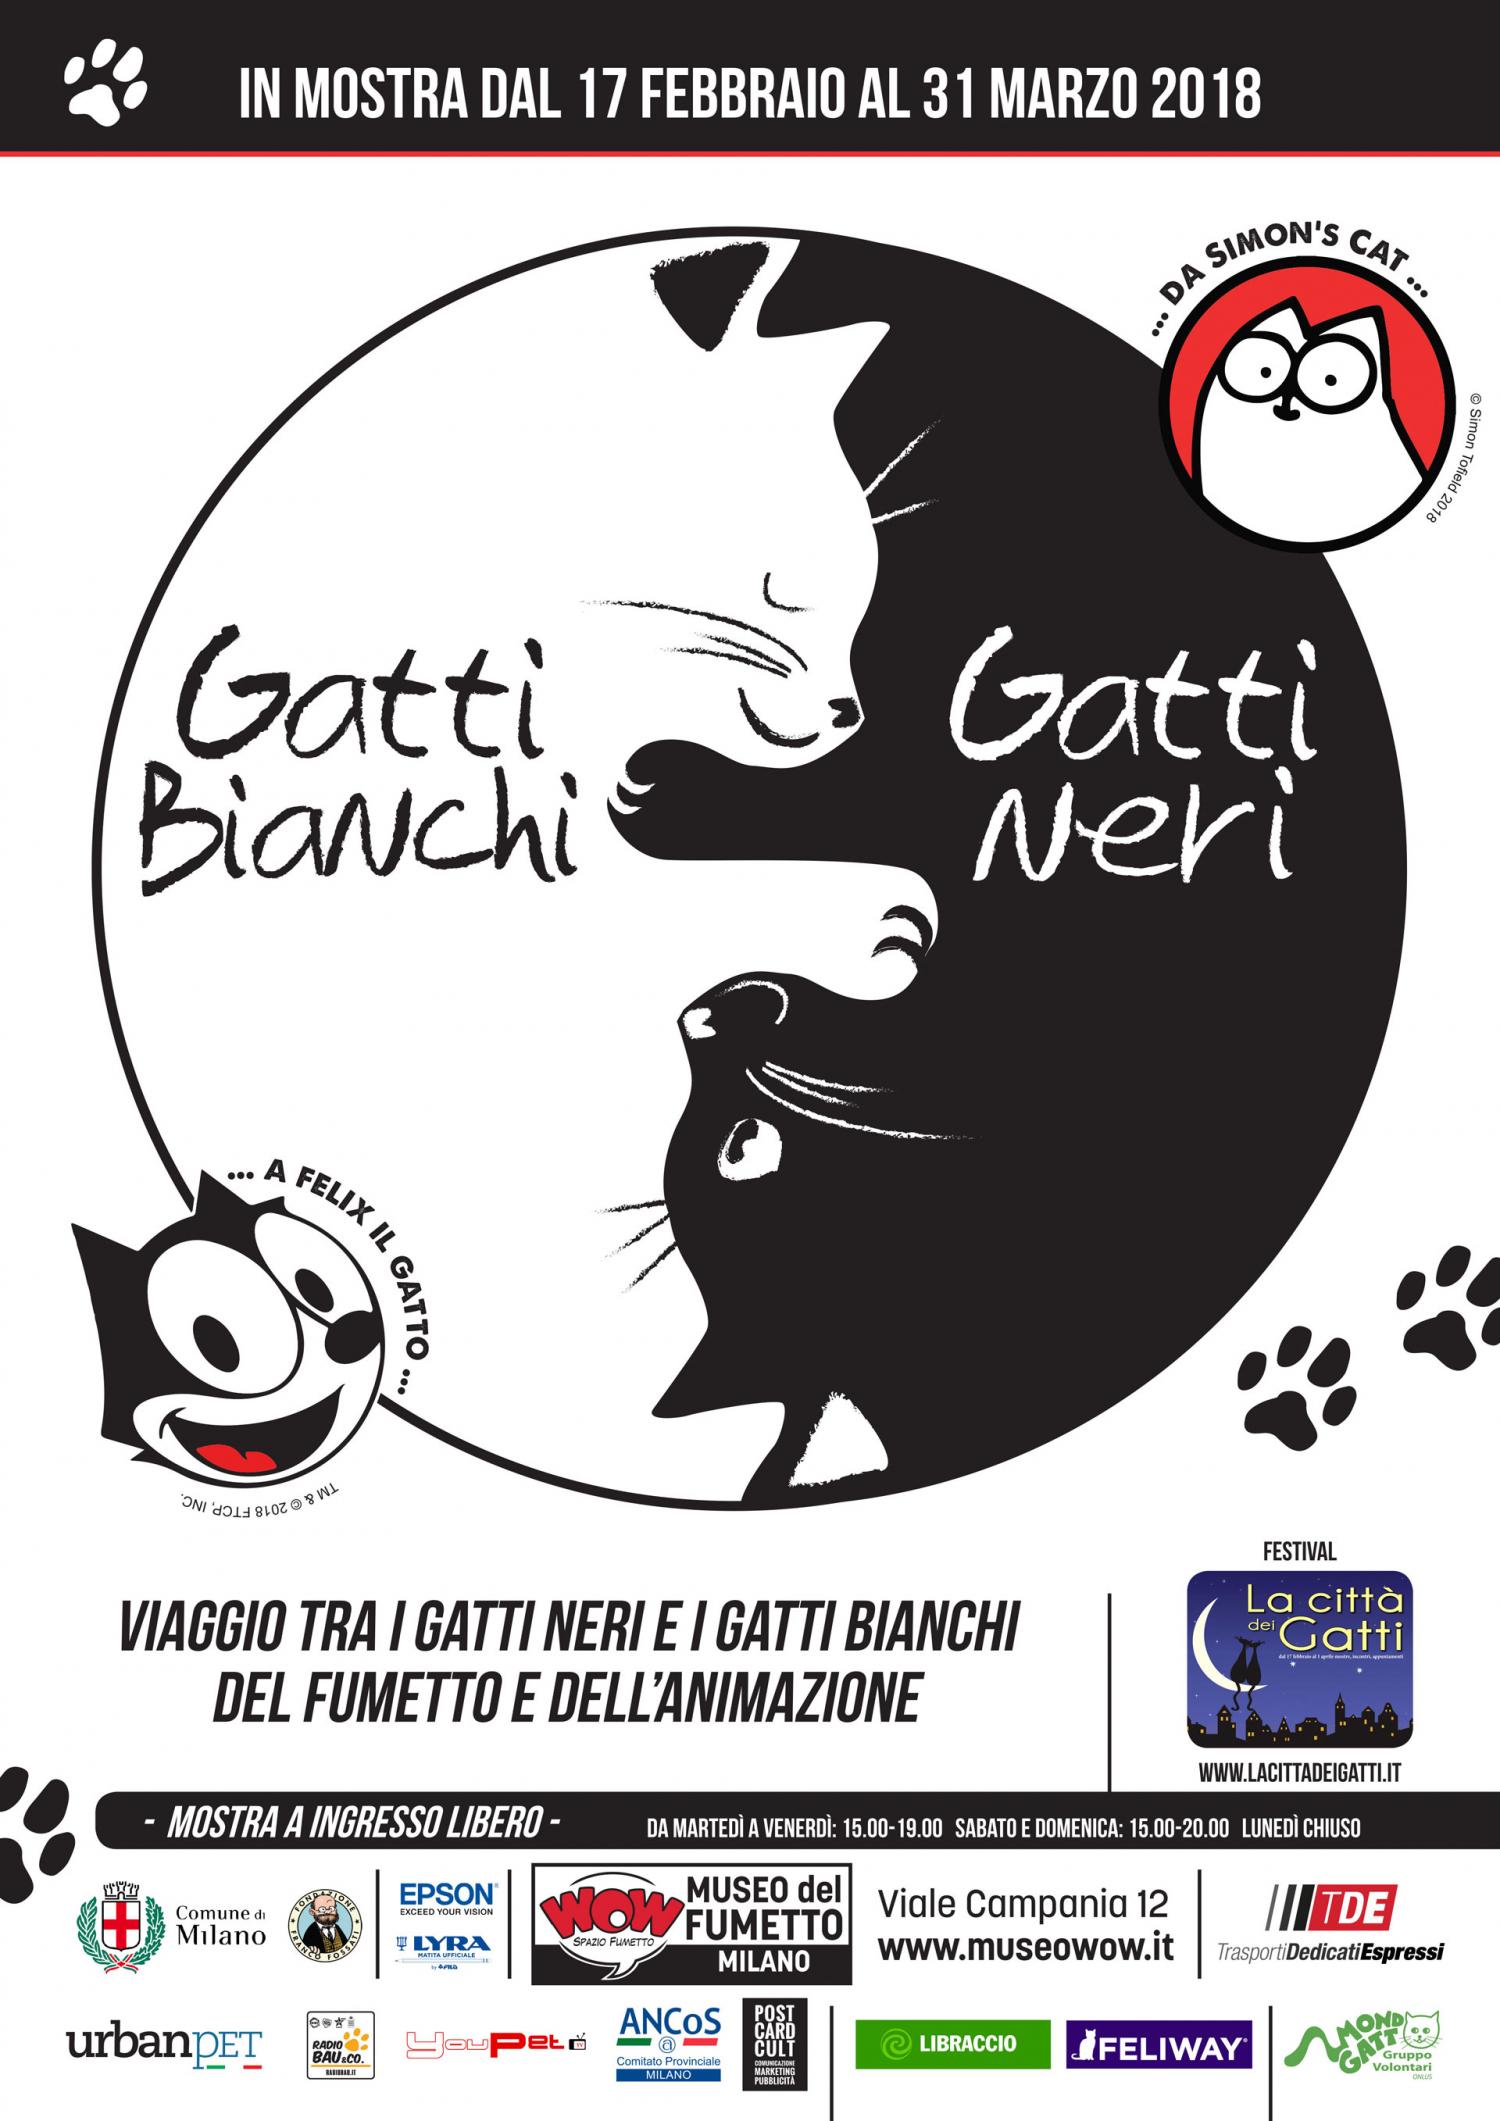 """<p>Dal 1990, per volont&agrave; delle pi&ugrave; importanti associazioni feline, il 17 febbraio si festeggia la Giornata Nazionale del Gatto. A Milano e a Roma, il festival <a target=""""_blank"""" href=""""http://www.lacittadeigatti.it/"""">La citt&agrave; dei gatti</a> presenta una serie di iniziative dedicate ai catofili, ospitate nei luoghi ad alto tasso di &ldquo;felinit&agrave;&rdquo; delle due citt&agrave;, che raccontano il gatto non solo come amico dell&rsquo;uomo, ma come protagonista della cultura, del tempo libero, della musica e dell&rsquo;arte. WOW Spazio Fumetto partecipa all&rsquo;iniziativa con una <strong>mostra unica dedicata ai gatti neri e bianchi pi&ugrave; famosi del cinema, dell&rsquo;animazione e dell&rsquo;immaginario</strong>. Il progetto, realizzato in collaborazione con <a target=""""_blank"""" href=""""http://www.urbanpetitalia.com/"""">UrbanPet</a>, <a target=""""_blank"""" href=""""http://radiobau.it/"""">Radio Bau</a>, <a target=""""_blank"""" href=""""http://www.youpet.it/"""">Youpet.it</a> e <a target=""""_blank"""" href=""""https://www.feliway.com/it"""">Feliway&reg;</a>, verr&agrave; presentato, in concomitanza con l&rsquo;inaugurazione della mostra, <strong>sabato 17 febbraio, alle ore 17.00</strong>, con un <strong>incontro speciale</strong> nel quale verranno assegnati il <strong>premio UrbanCat </strong>e il<strong> premio Anna Magnani</strong>. Con i loro movimenti sinuosi, la loro instancabile voglia d&rsquo;indipendenza, l&rsquo;innaturale quanto giustificata superbia, la magia ammaliante del loro sguardo i gatti hanno da sempre colpito <strong>l&rsquo;immaginazione degli artisti</strong>, non ultima quella dei grafici, dei fumettisti e degli animatori. A partire dal celebre gatto nero che campeggiava sui manifesti de <strong>Le Chat Noir</strong>, uno dei locali pi&ugrave; celebri della Parigi di fine ottocento, fino ai gatti ancora oggi utilizzati in pubblicit&agrave; &egrave; stato tutto un fiorire di segni grafici e artistici che in oltre cento anni di grafica hanno omaggiato i"""